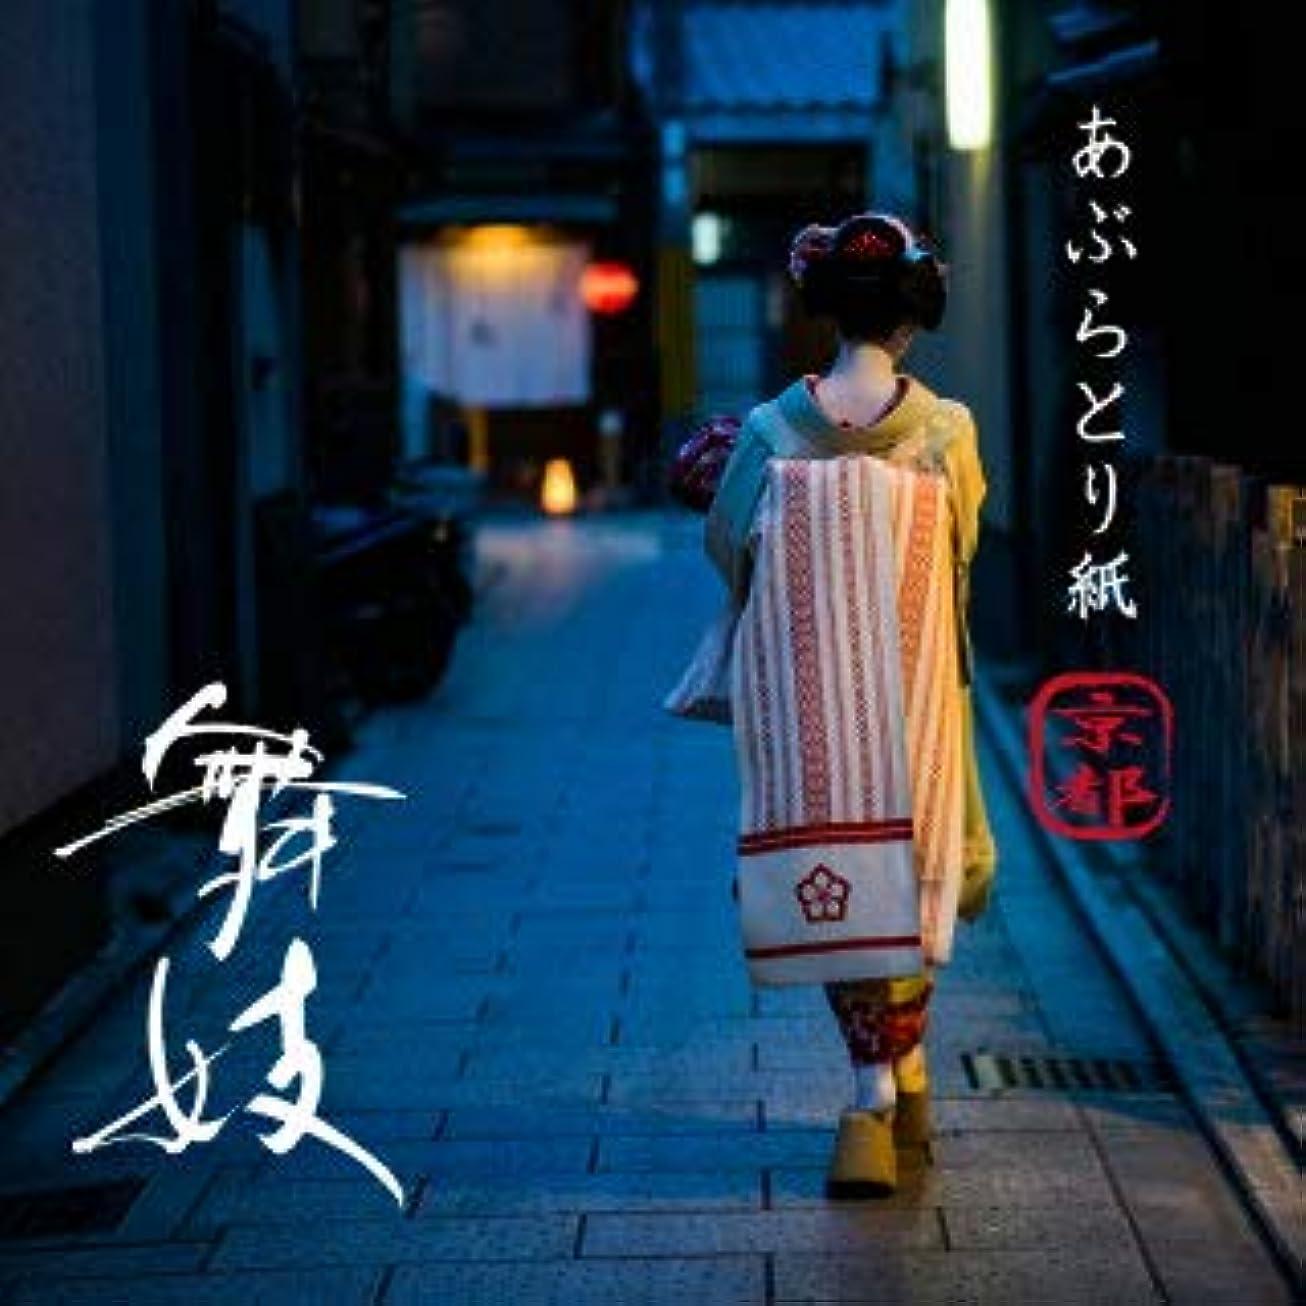 エンジニアリング北極圏直接特典付き 京都のあぶらとり紙 舞妓さんシリーズ(大容量40枚) 4組(4柄)セット 西陣織ティッシュケースプレゼント